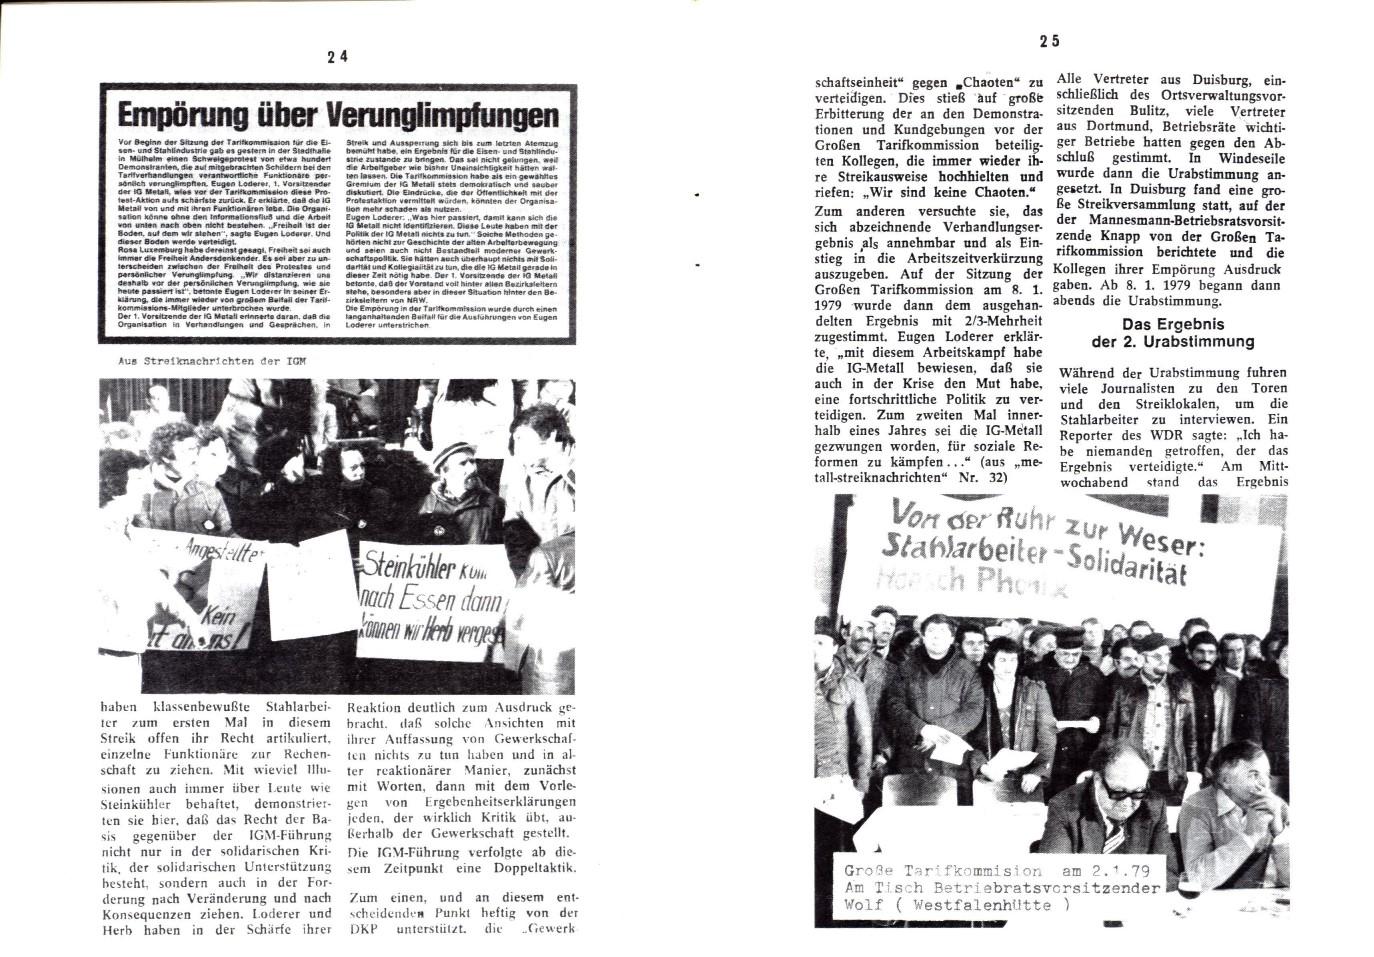 KPDAO_1979_Streik_in_der_Stahlindustrie_14